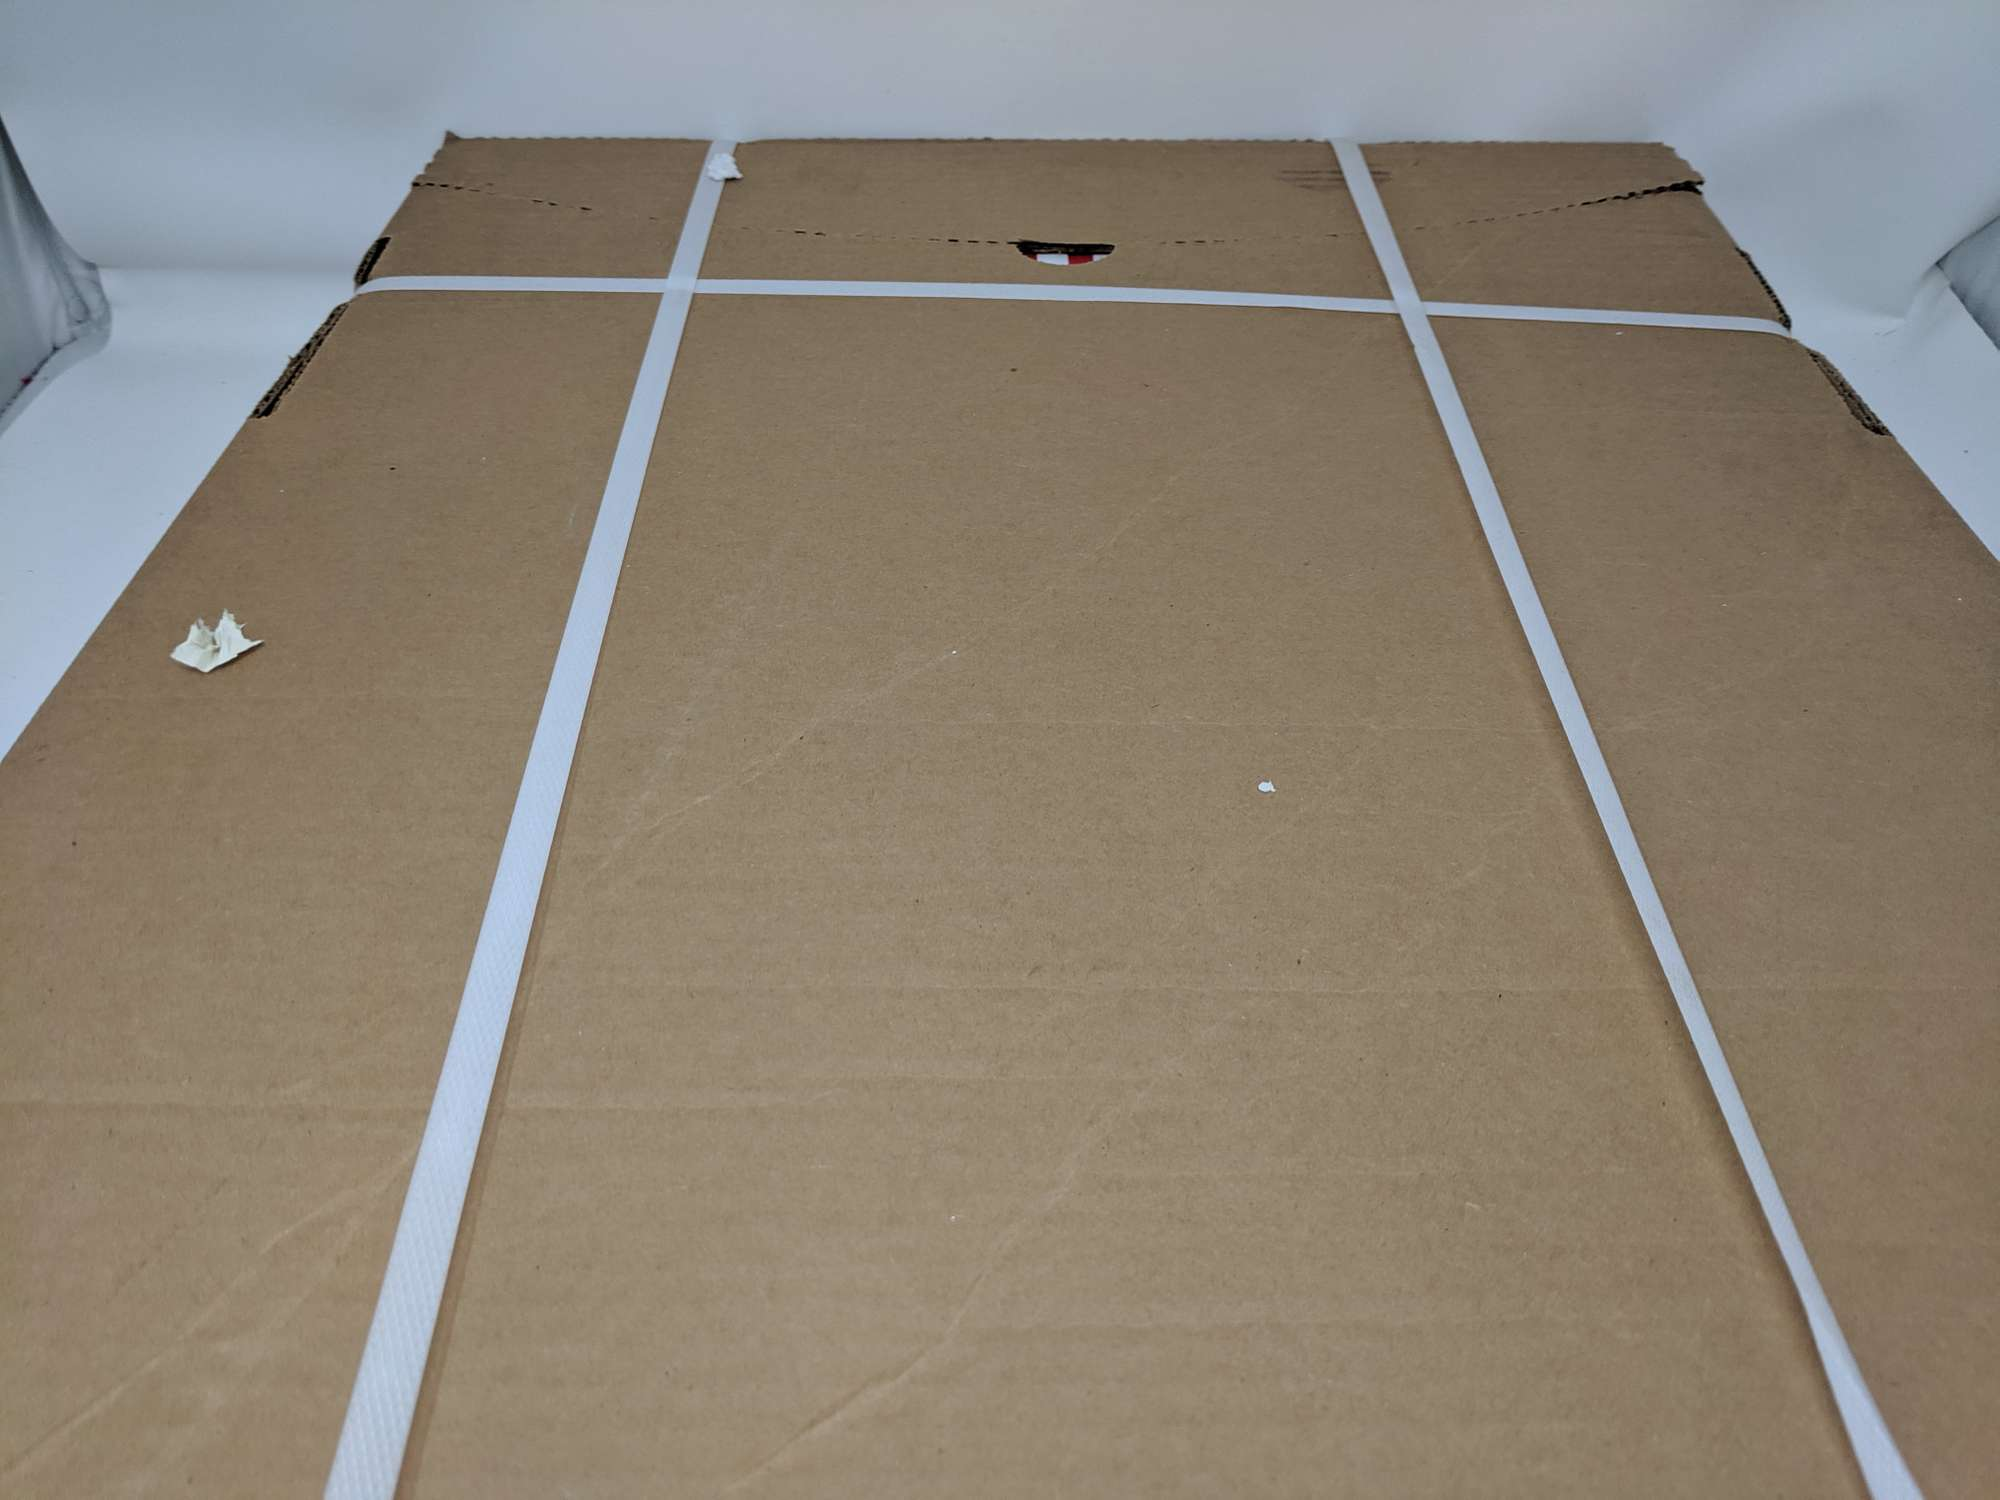 Slip-N-Grip Prime Heavy Duty Treated Paper Floor Mat 17x19